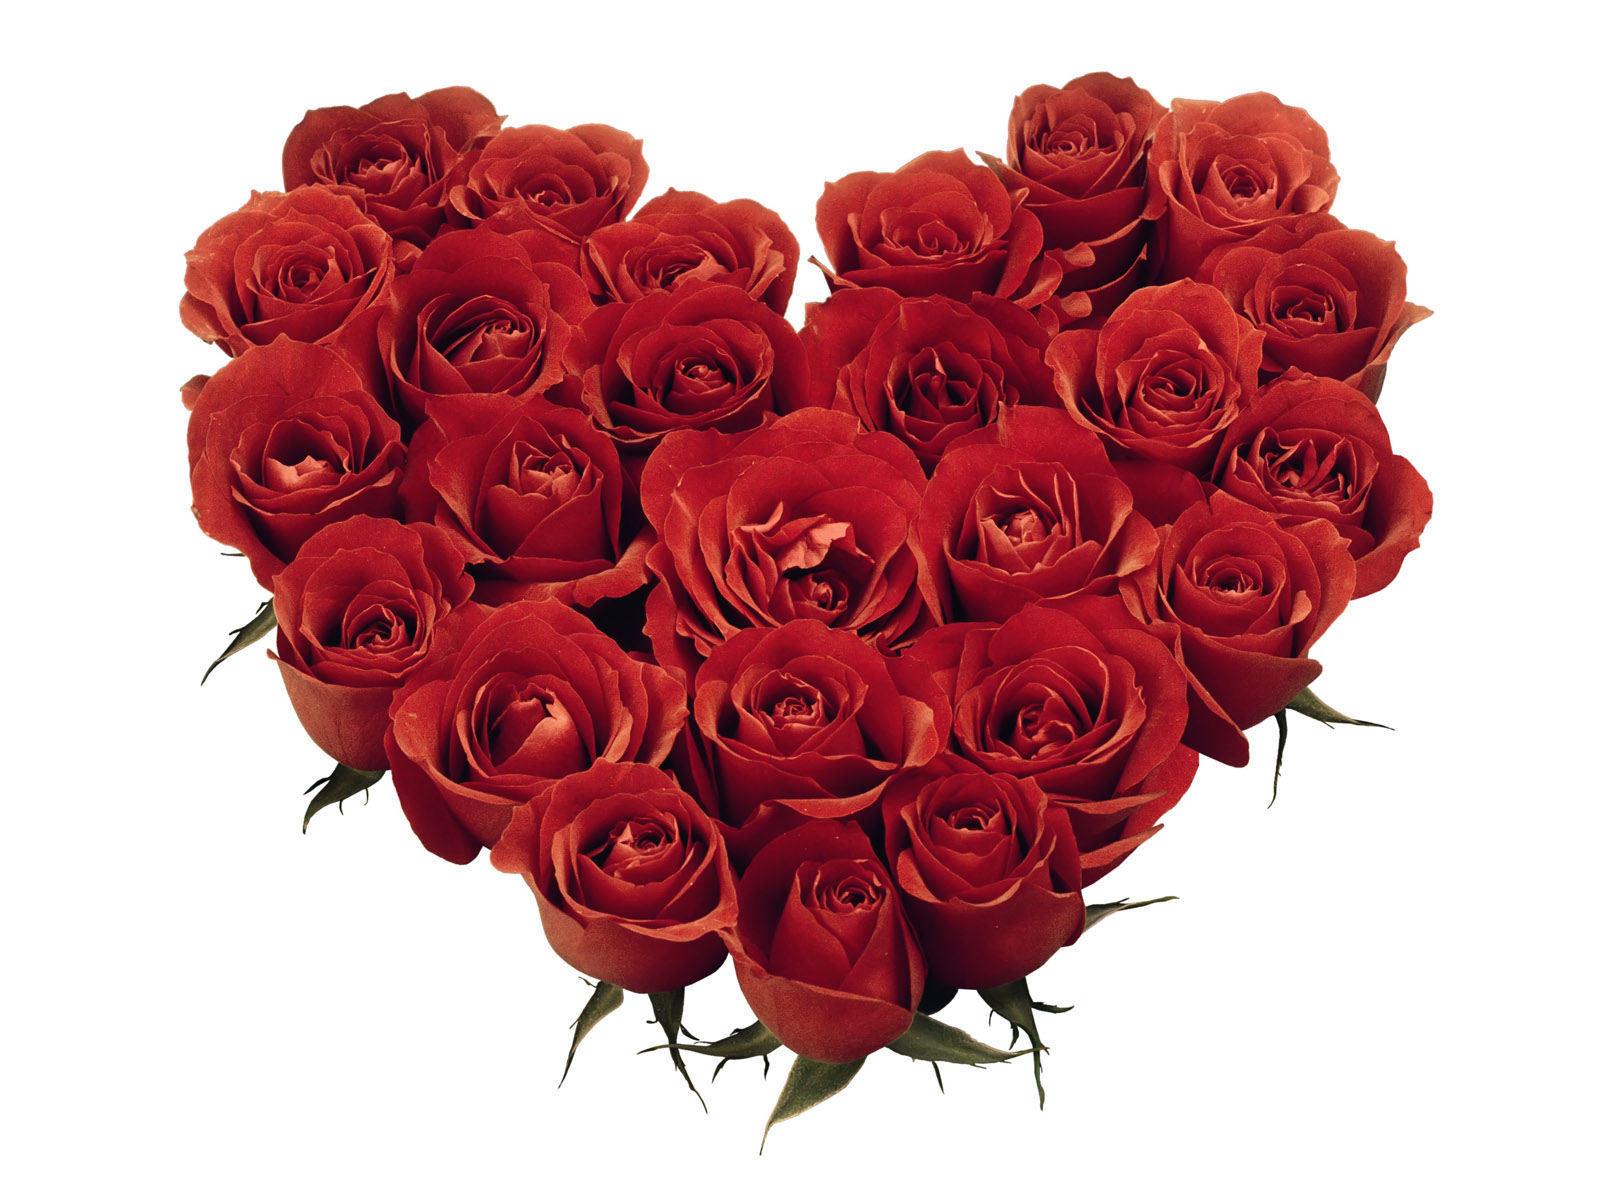 Rode rozen in de vorm van een hart